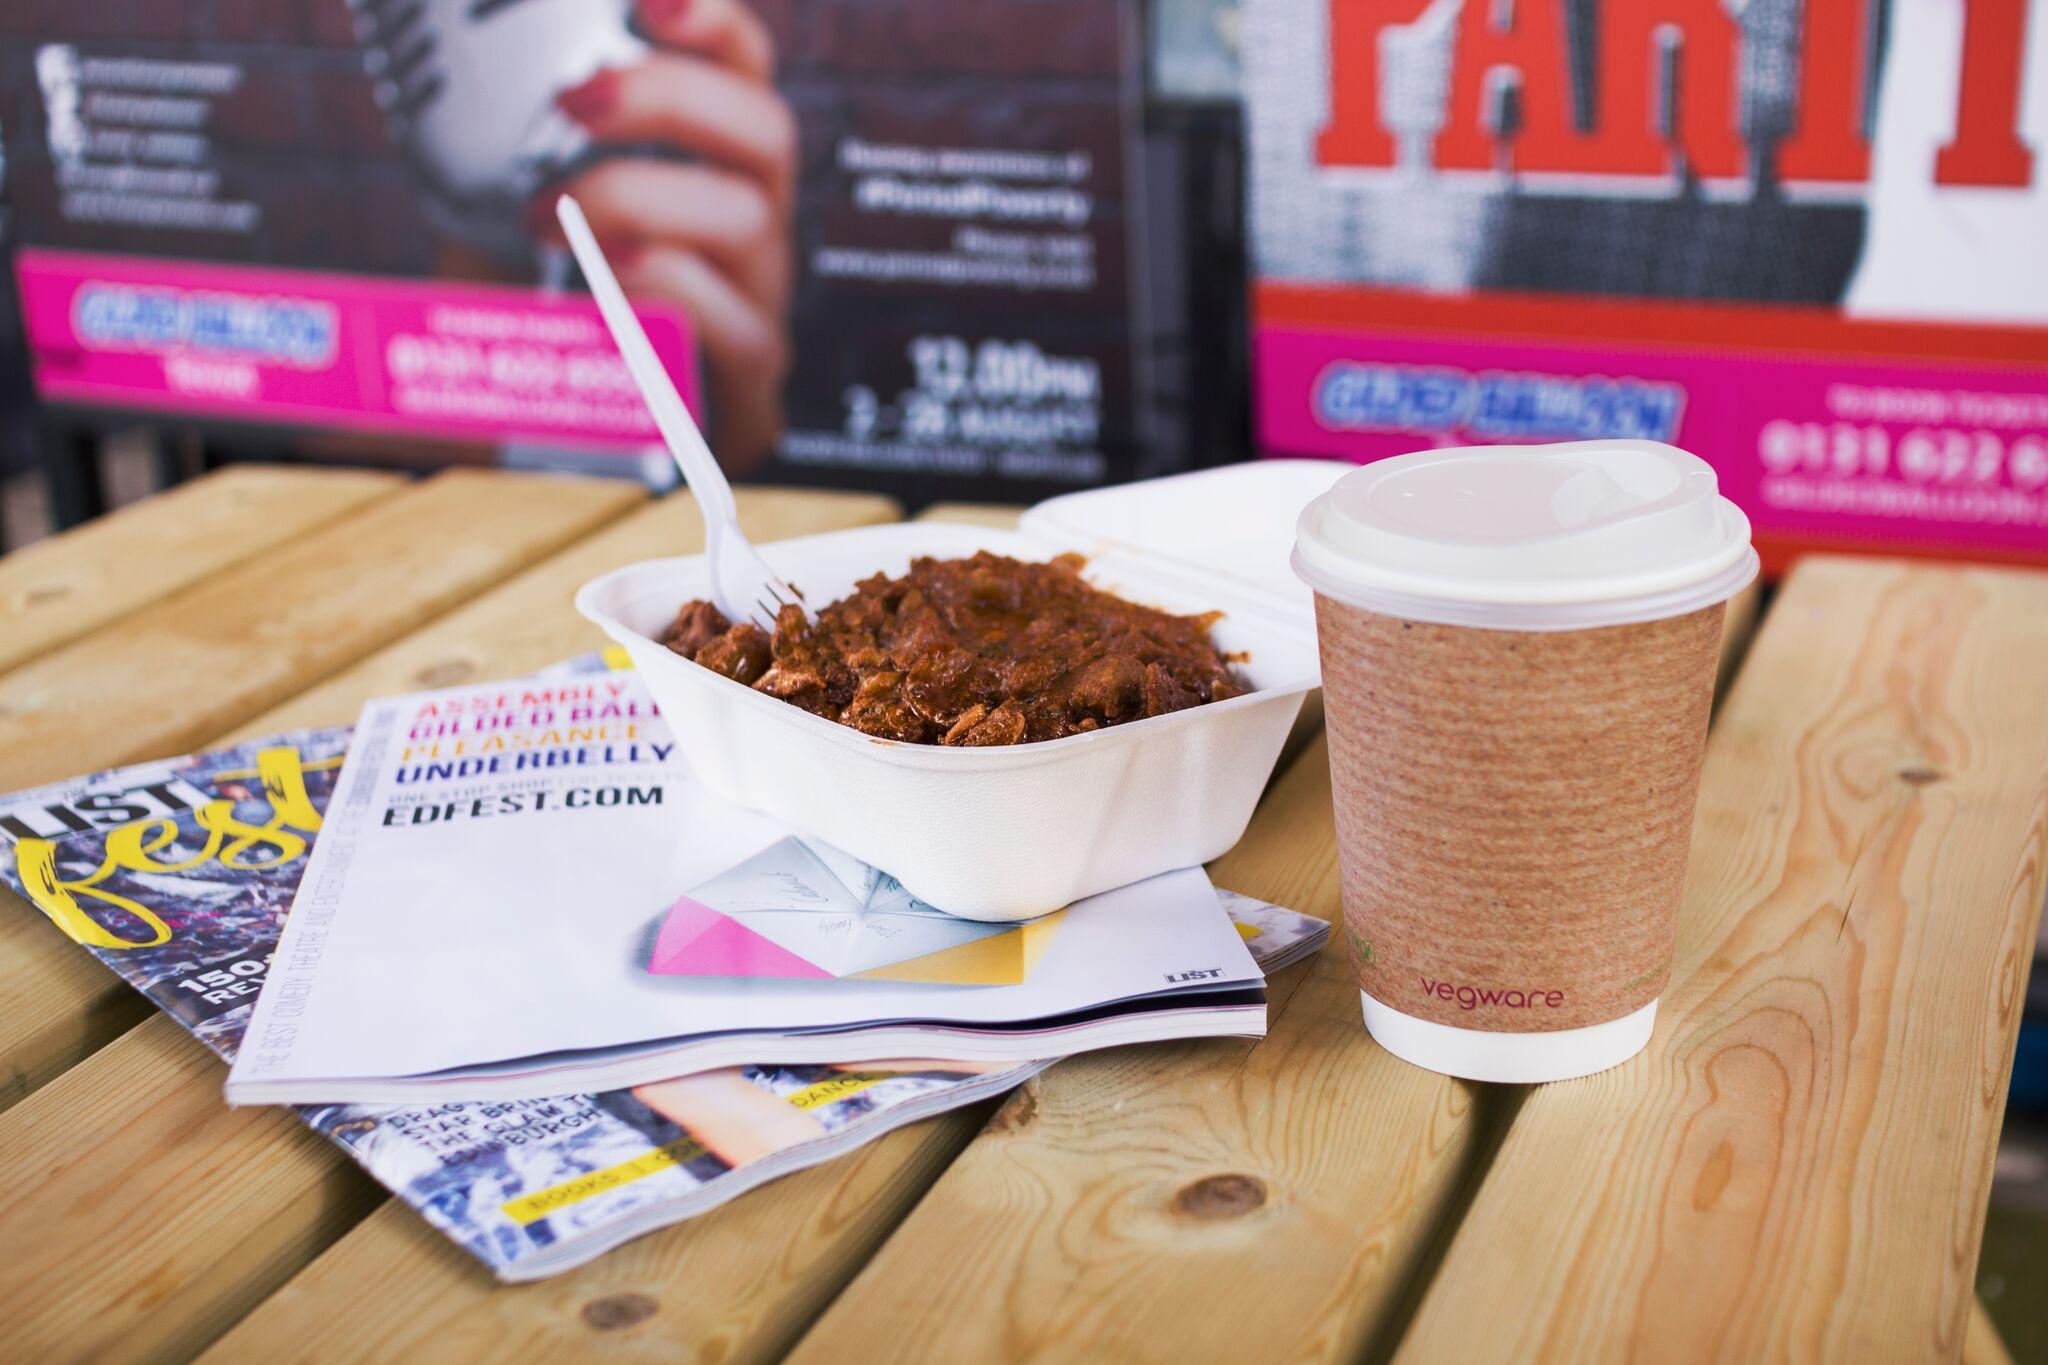 Nuevas tendencias de envases ecológicos en negocios de comida para llevar